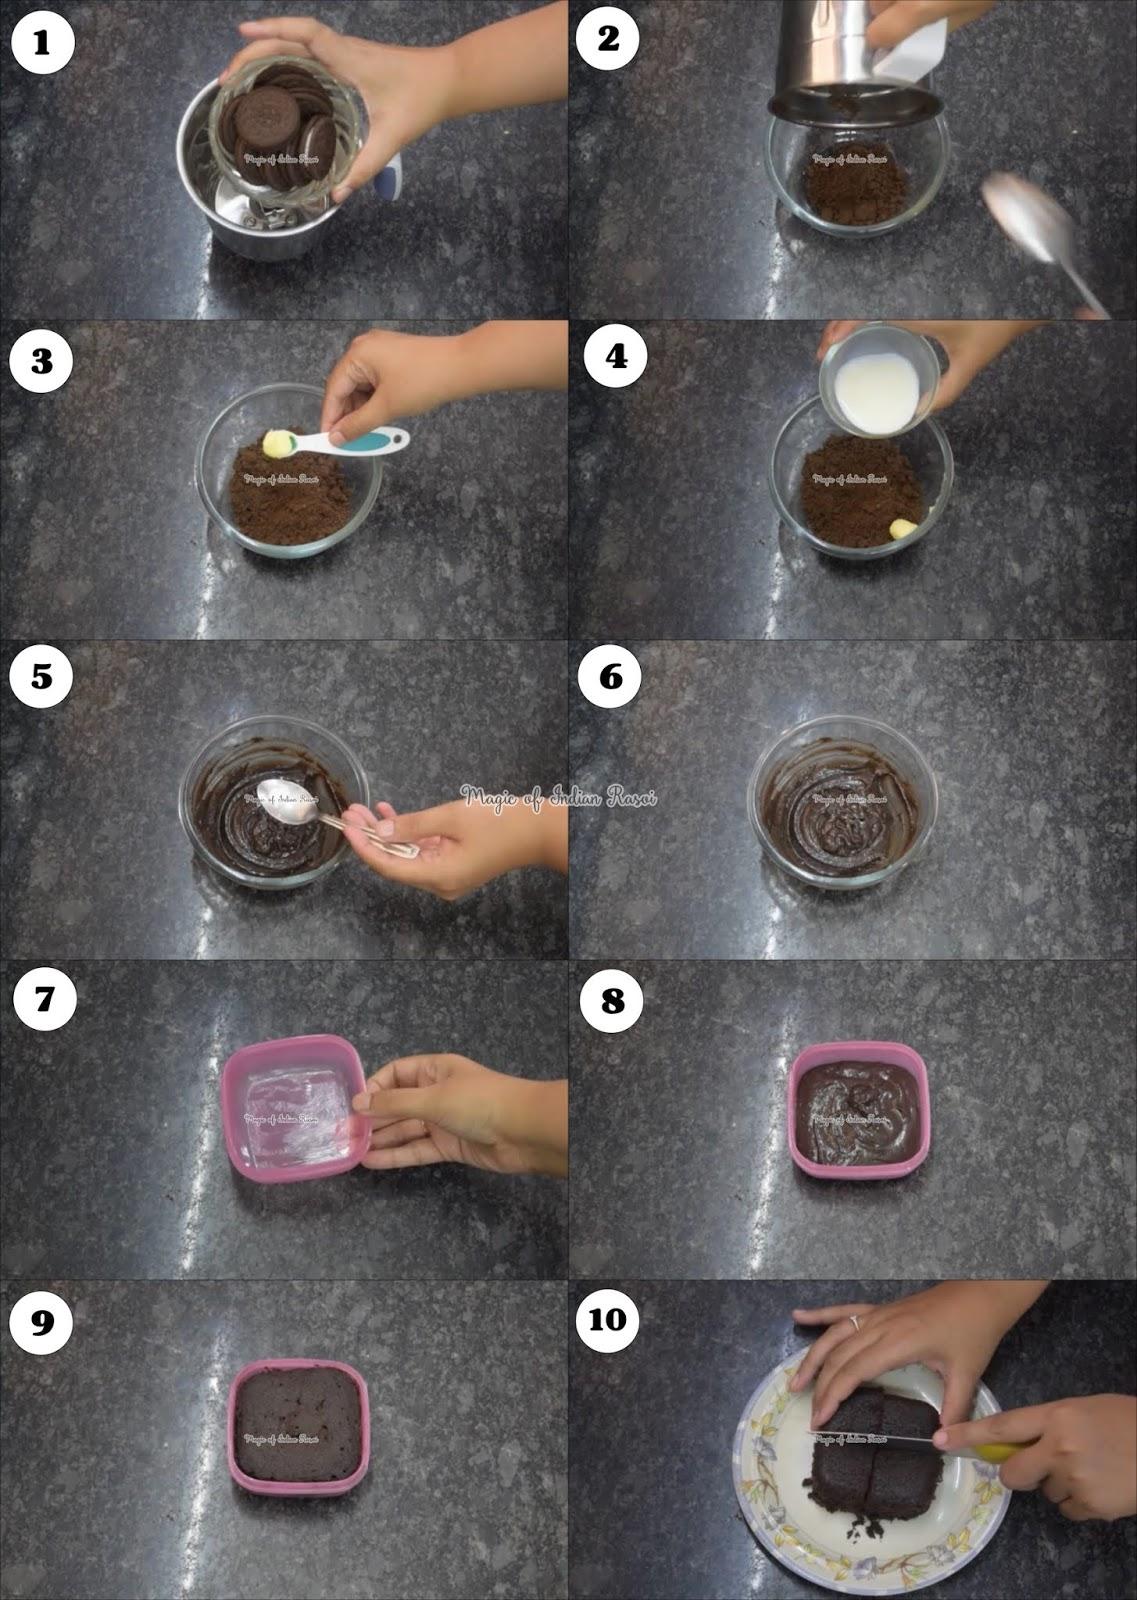 Oreo Brownie Sundae in Microwave Recipe - ओरियो ब्राउनी संडे माइक्रोवेव में - Priya R - Magic of Indian Rasoi